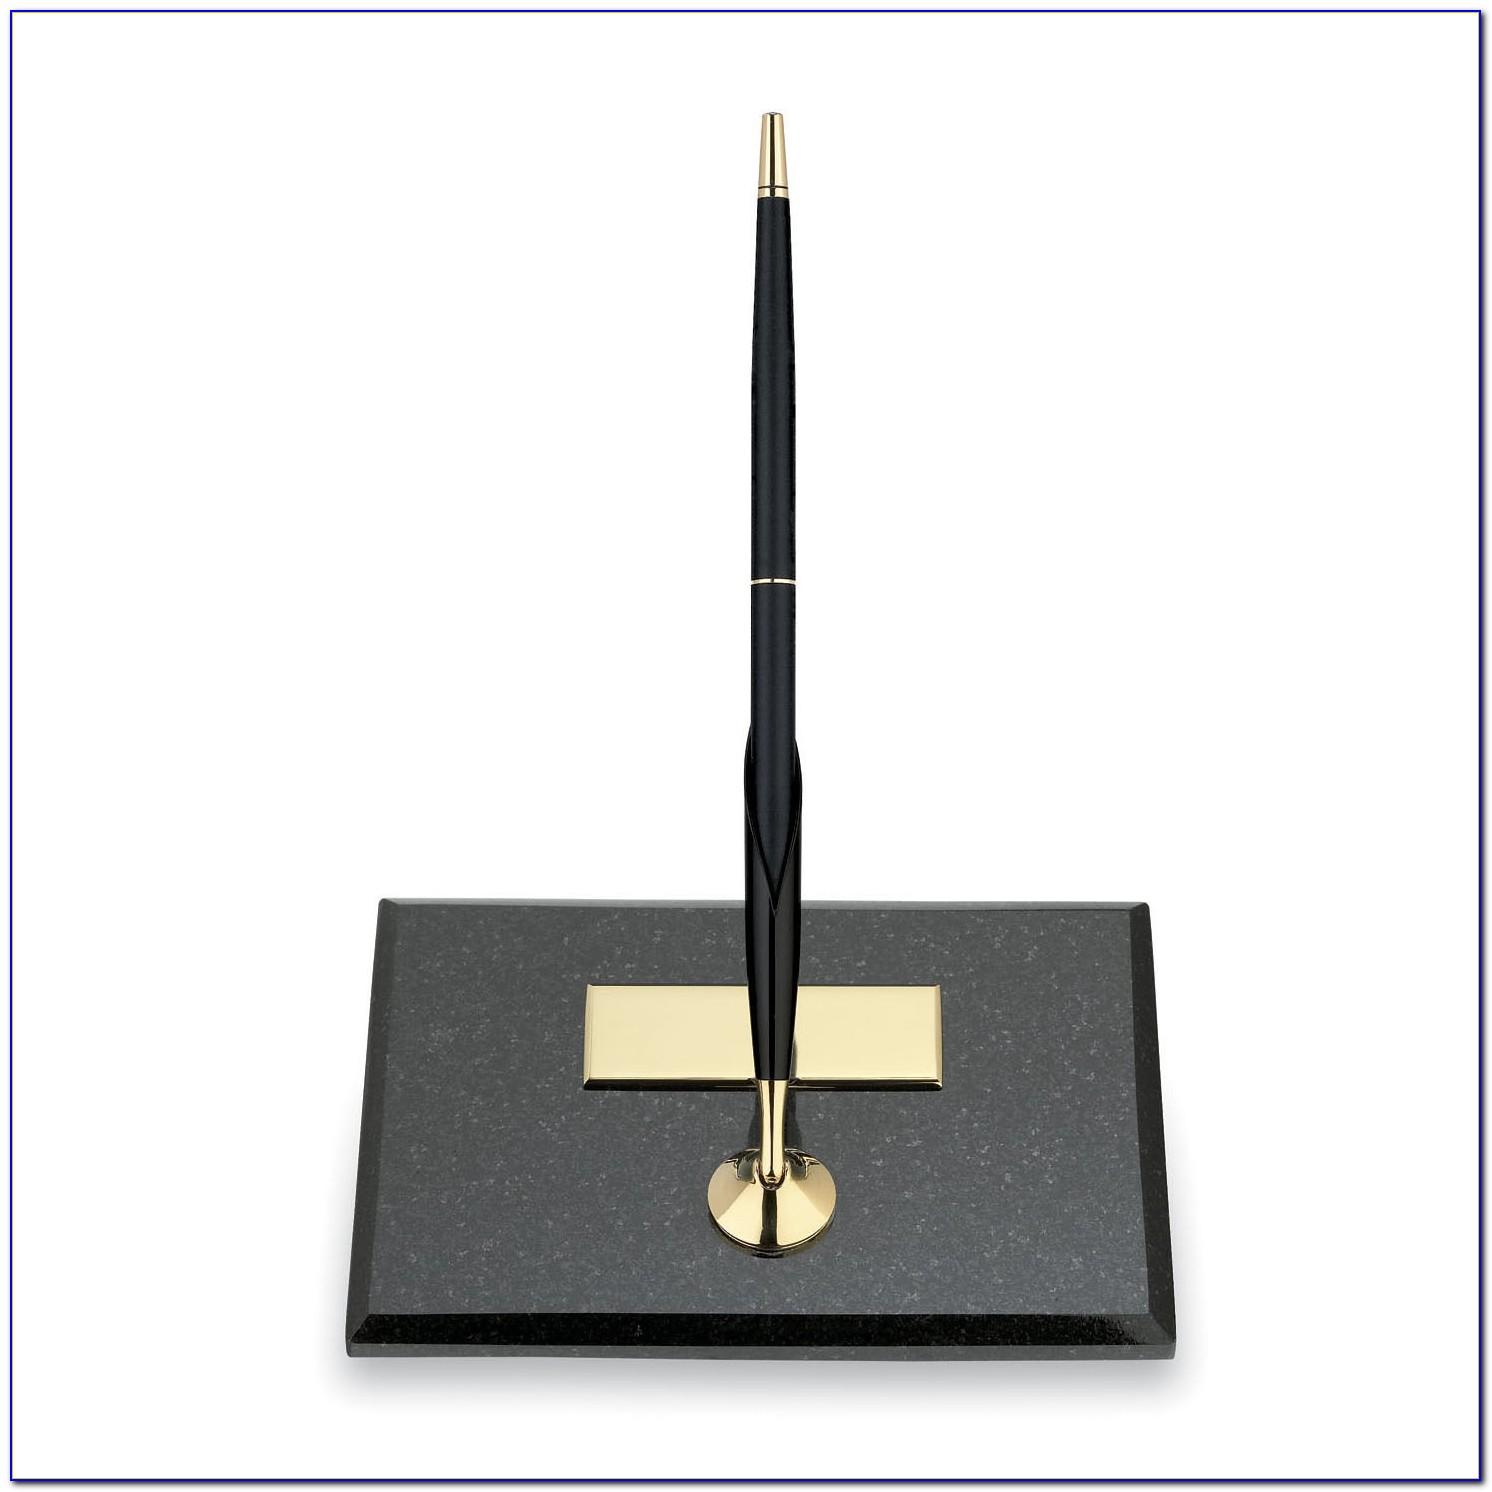 Cross Fountain Pen Desk Set